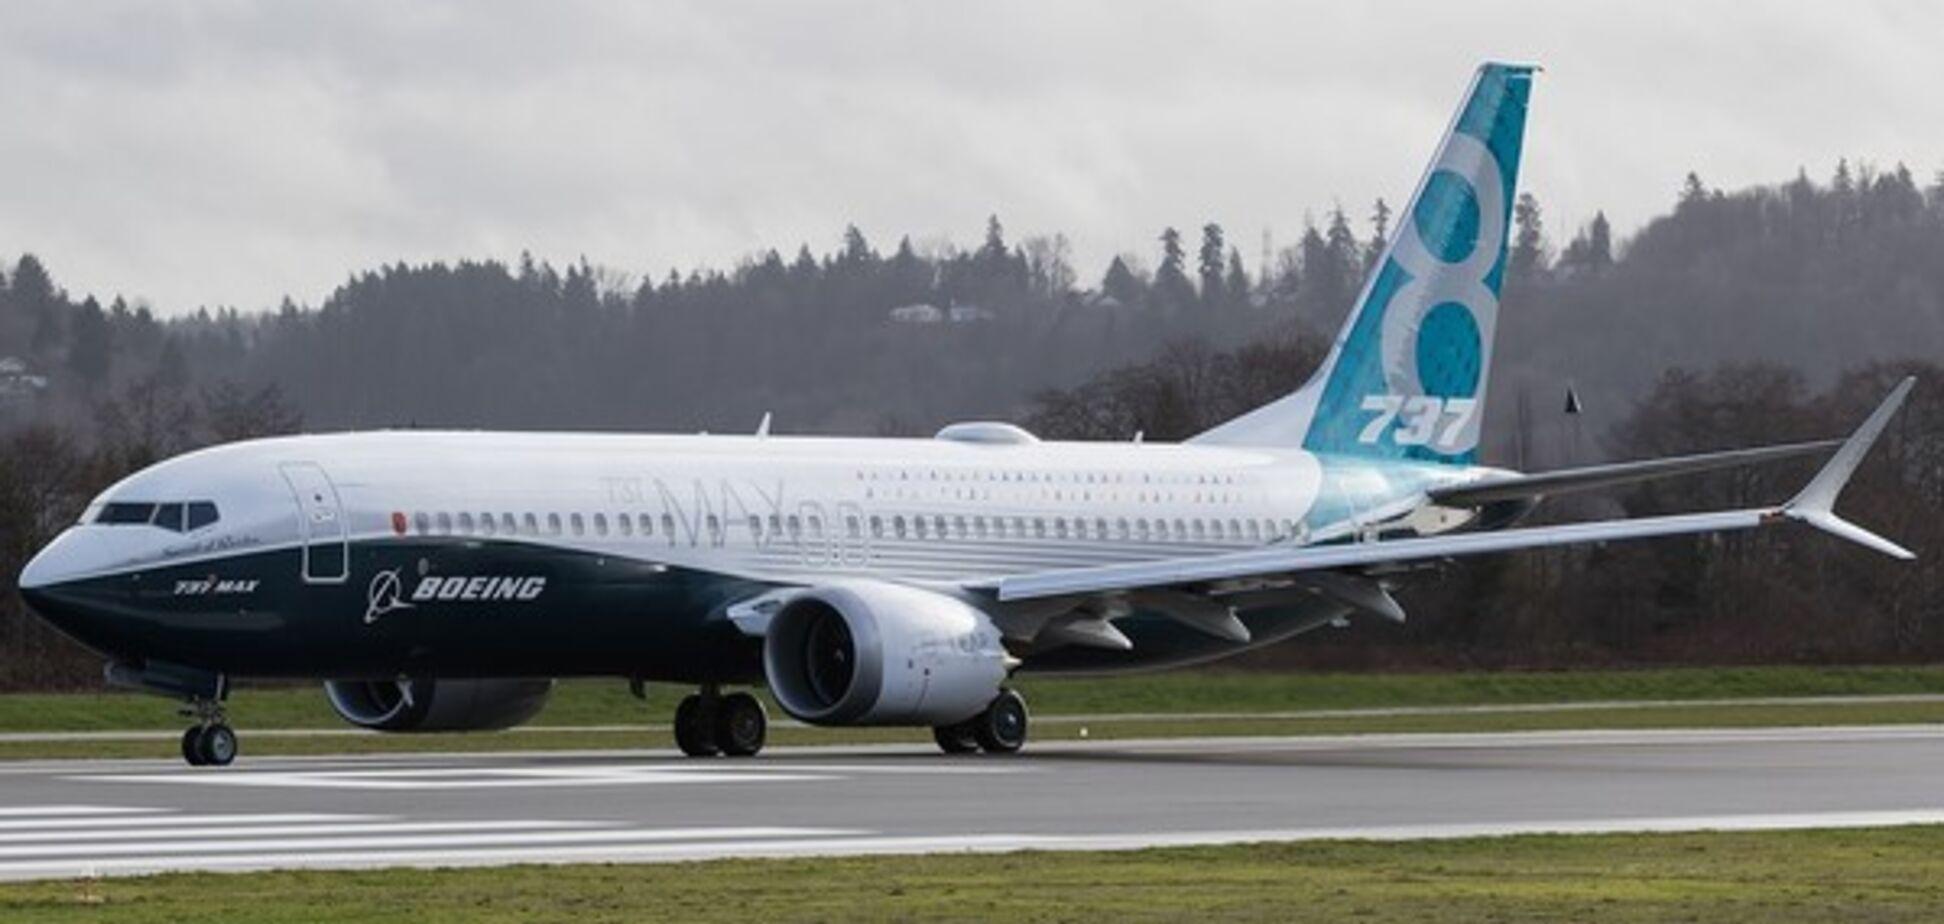 В Украине запретили полеты на скандальных лайнерах Boeing: что известно